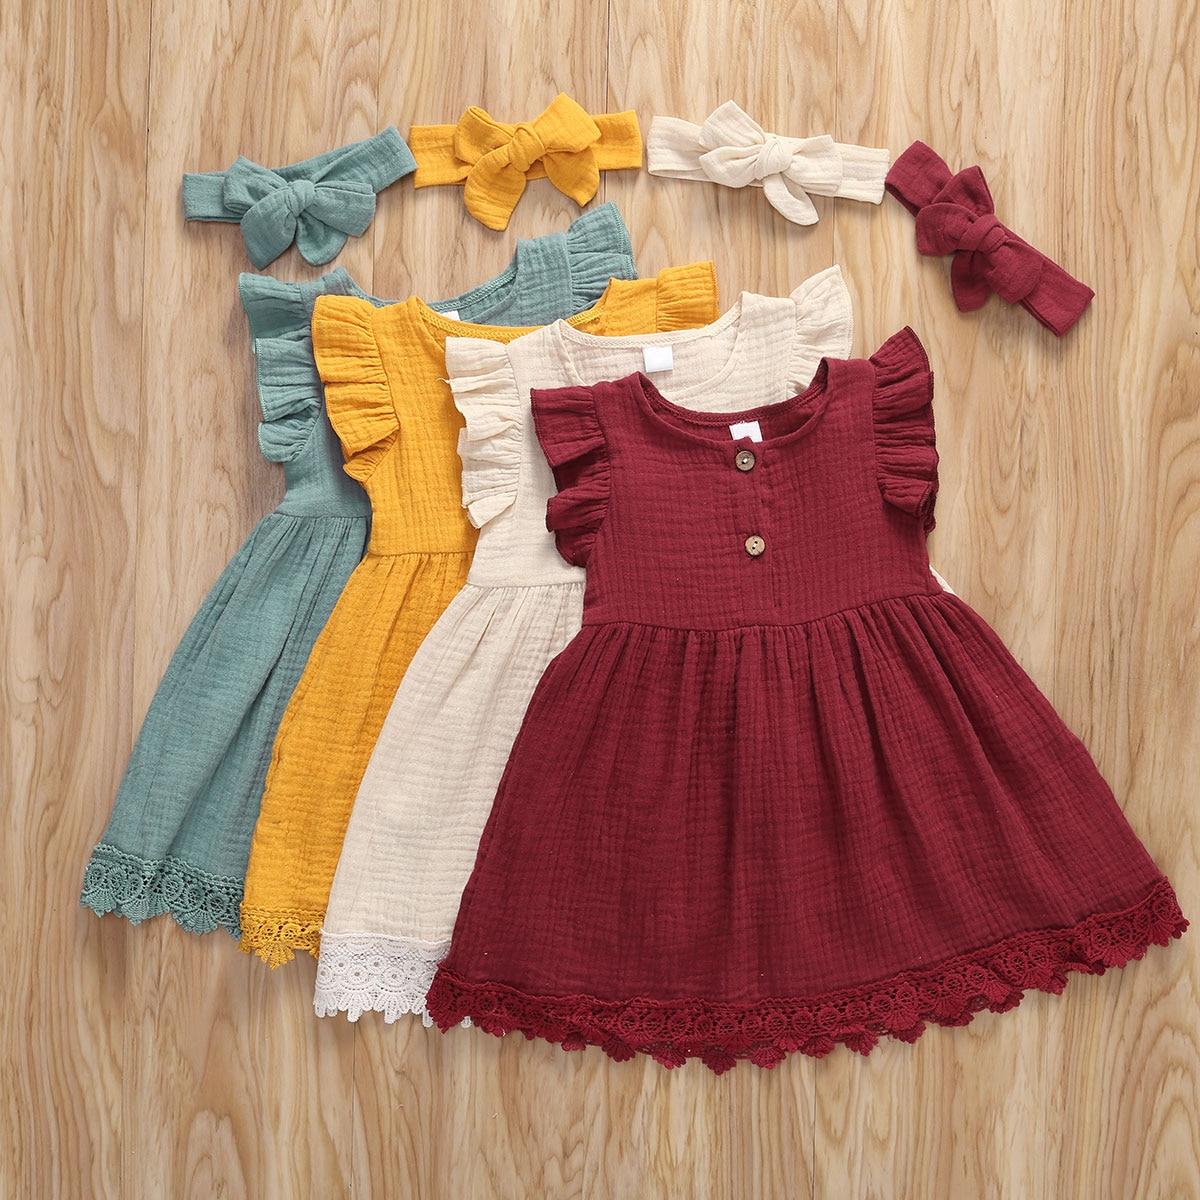 Детские летние платья 2020 года, милое кружевное однотонное Хлопковое платье для маленьких девочек, гофрированный сарафан без рукавов + повяз...